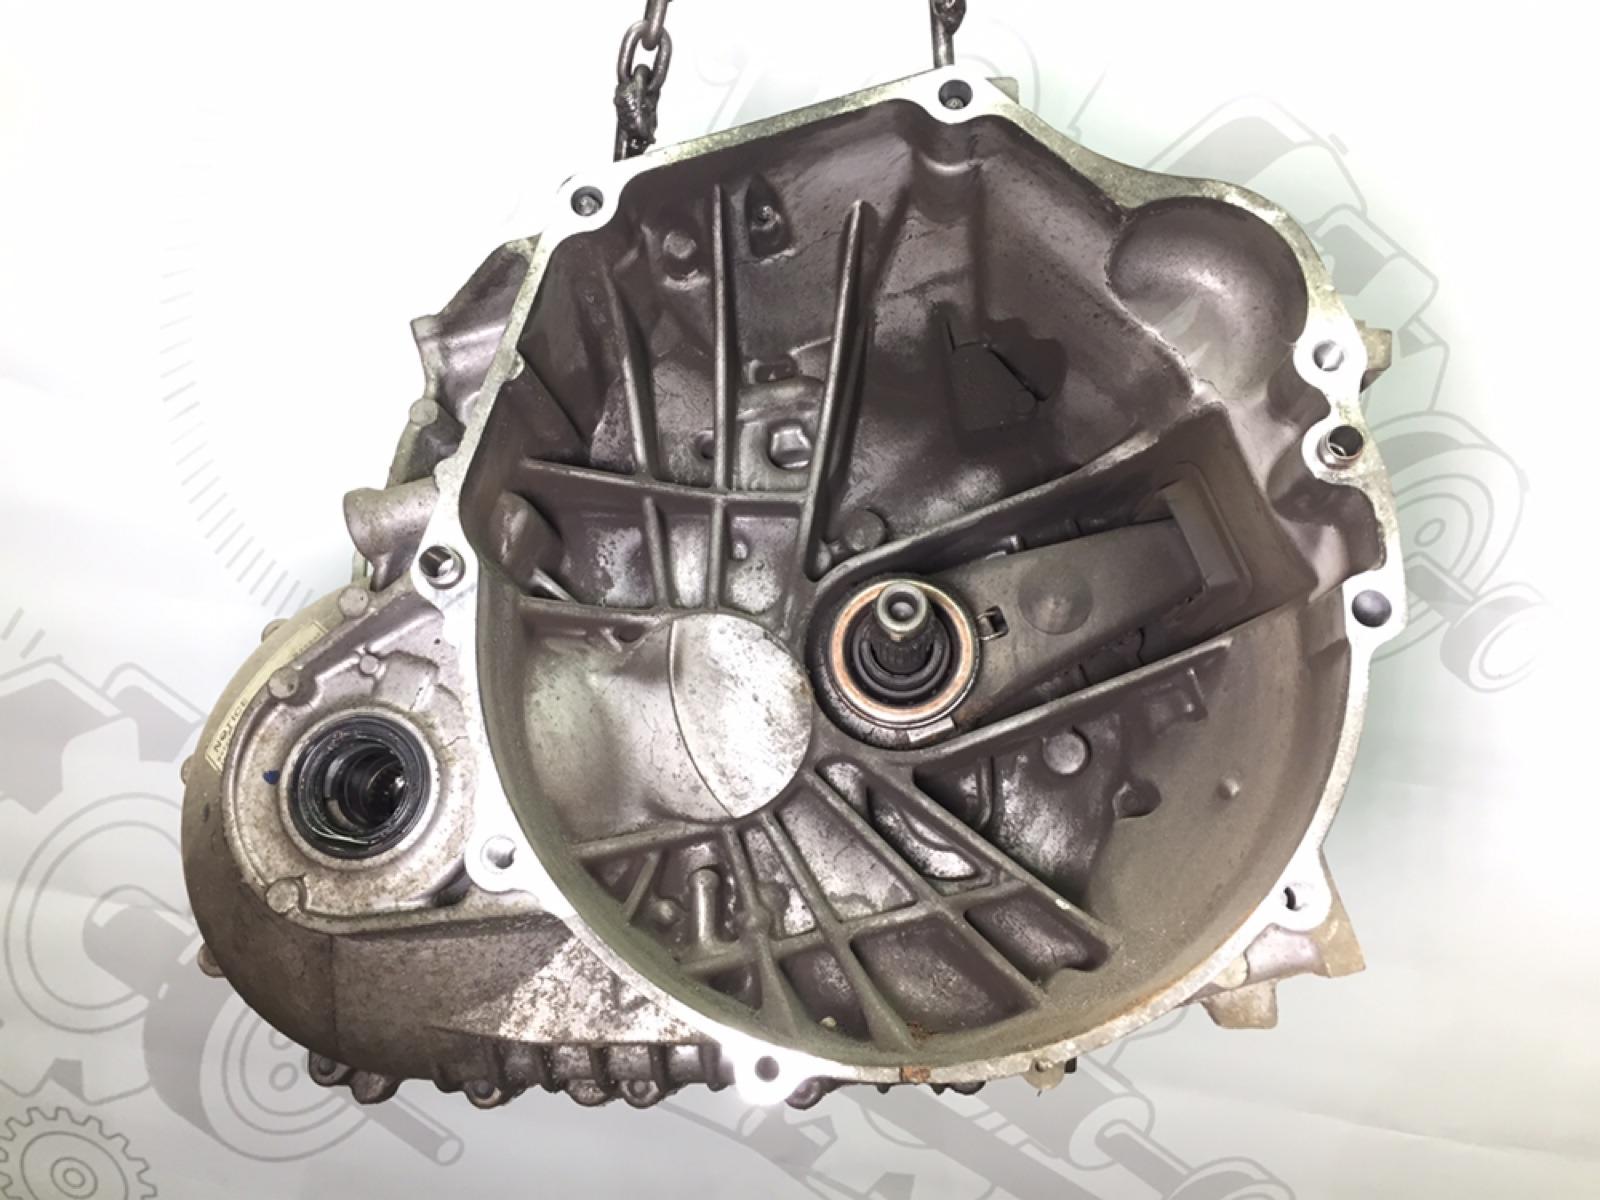 Кпп механическая (мкпп) Honda Civic 2.2 CTDI 2006 (б/у)